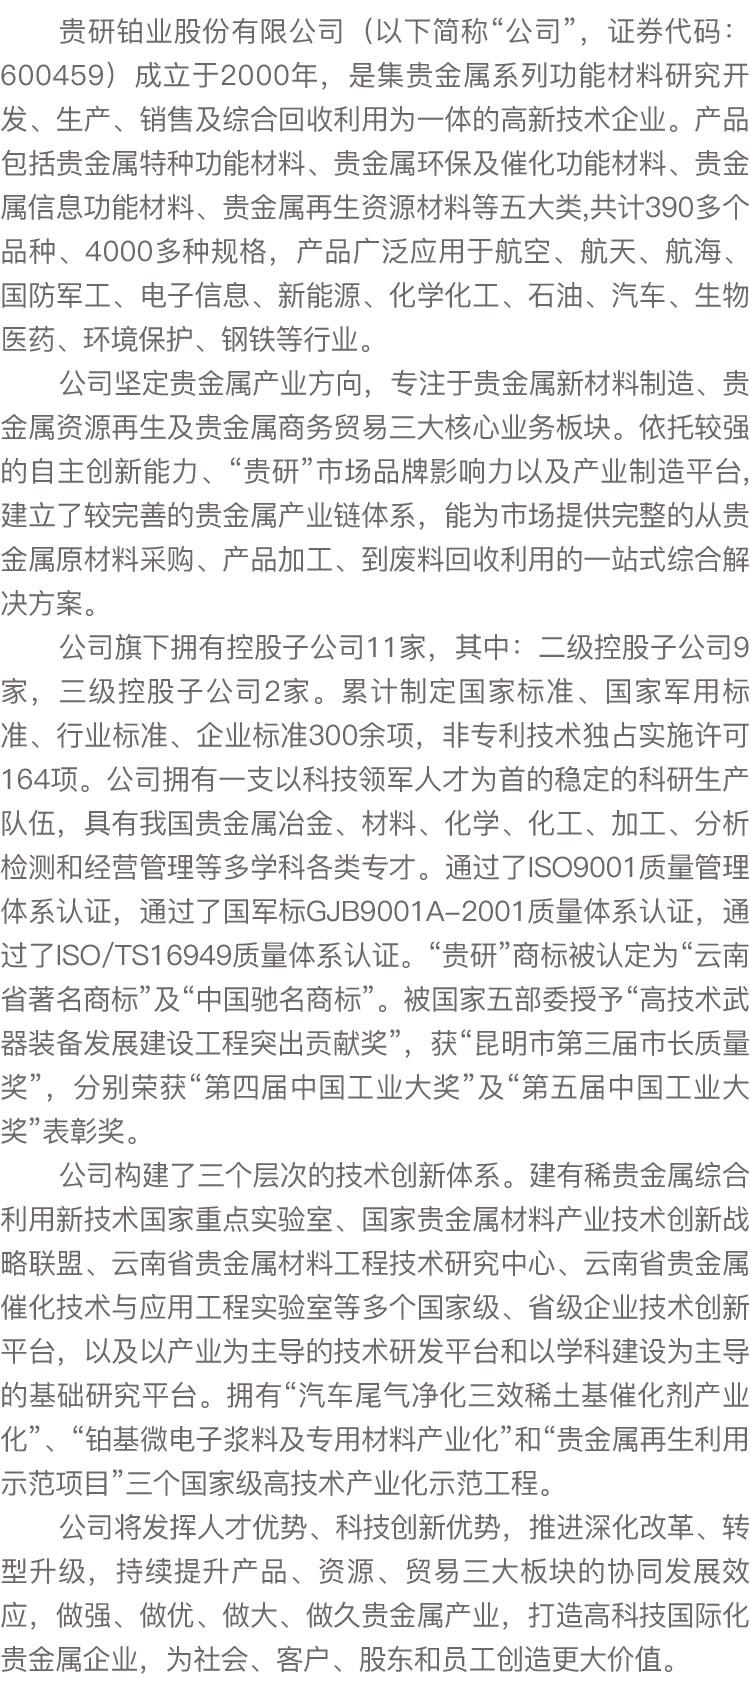 贵研铂业路演03.jpg